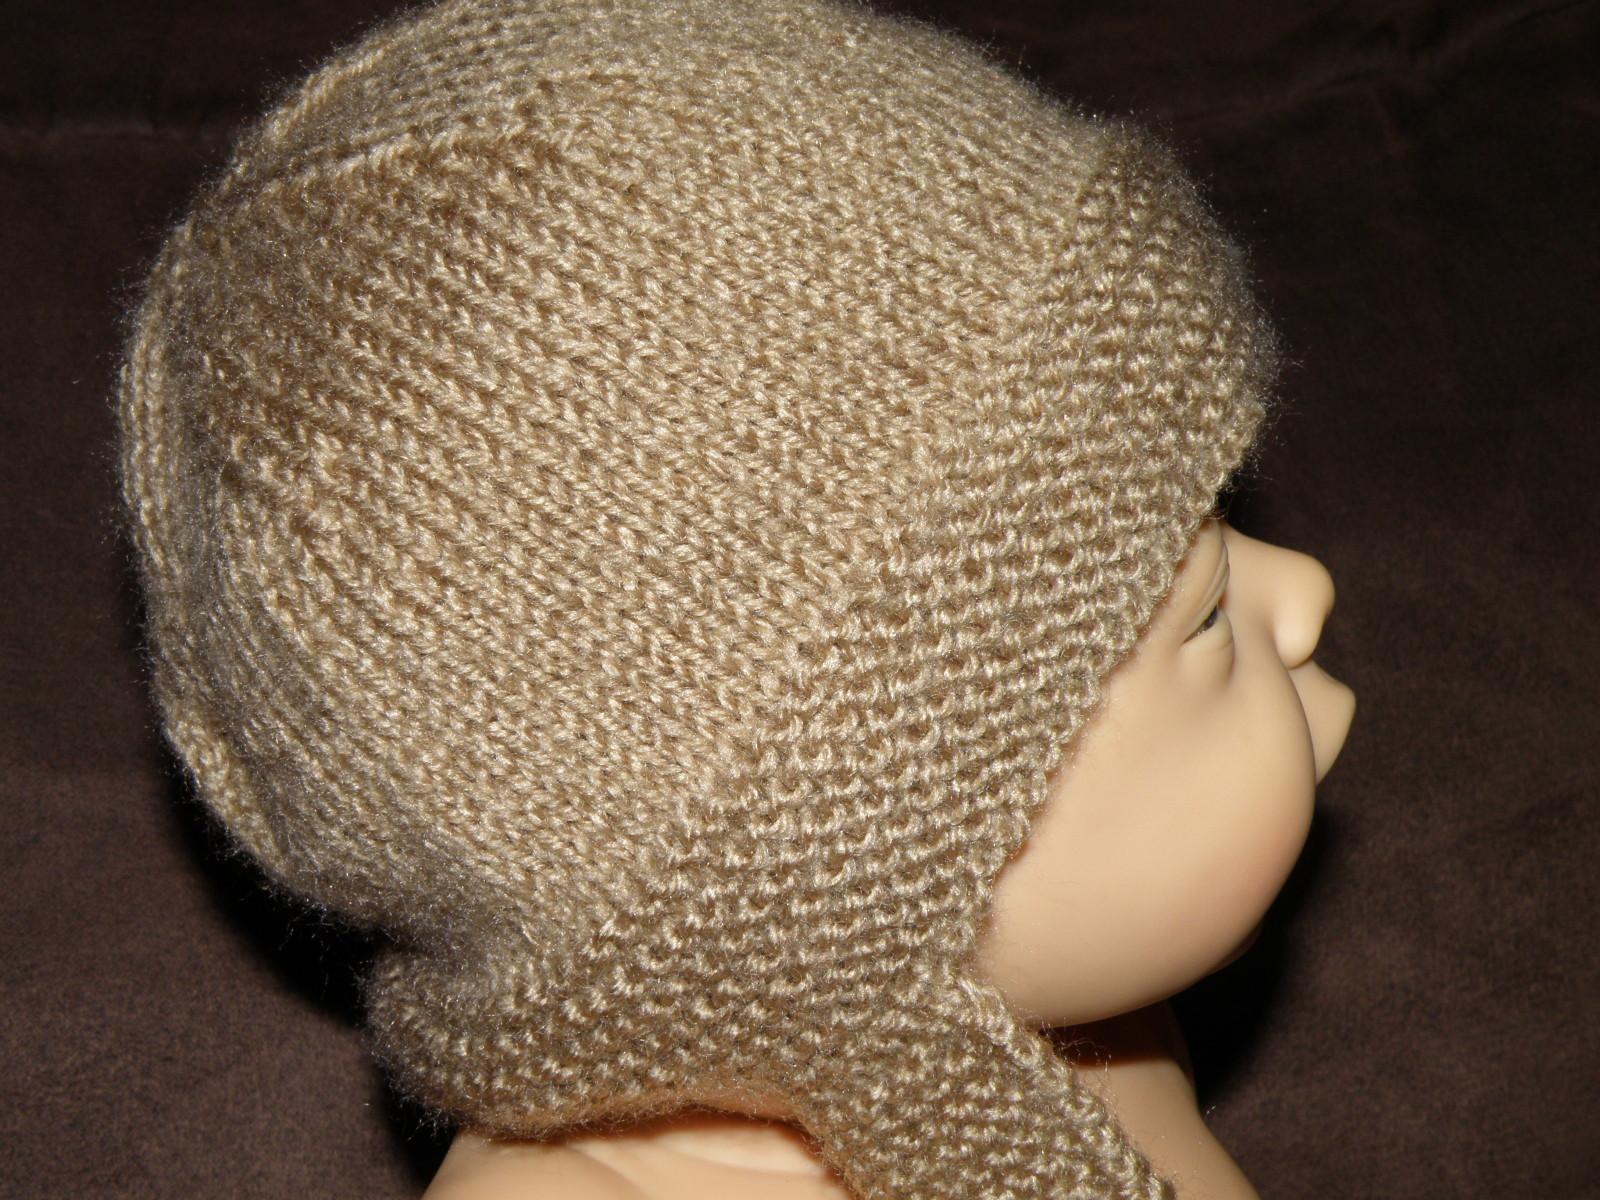 Tricoter un bonnet pour bébé facile - Idées de tricot gratuit 179c7a4d6bc